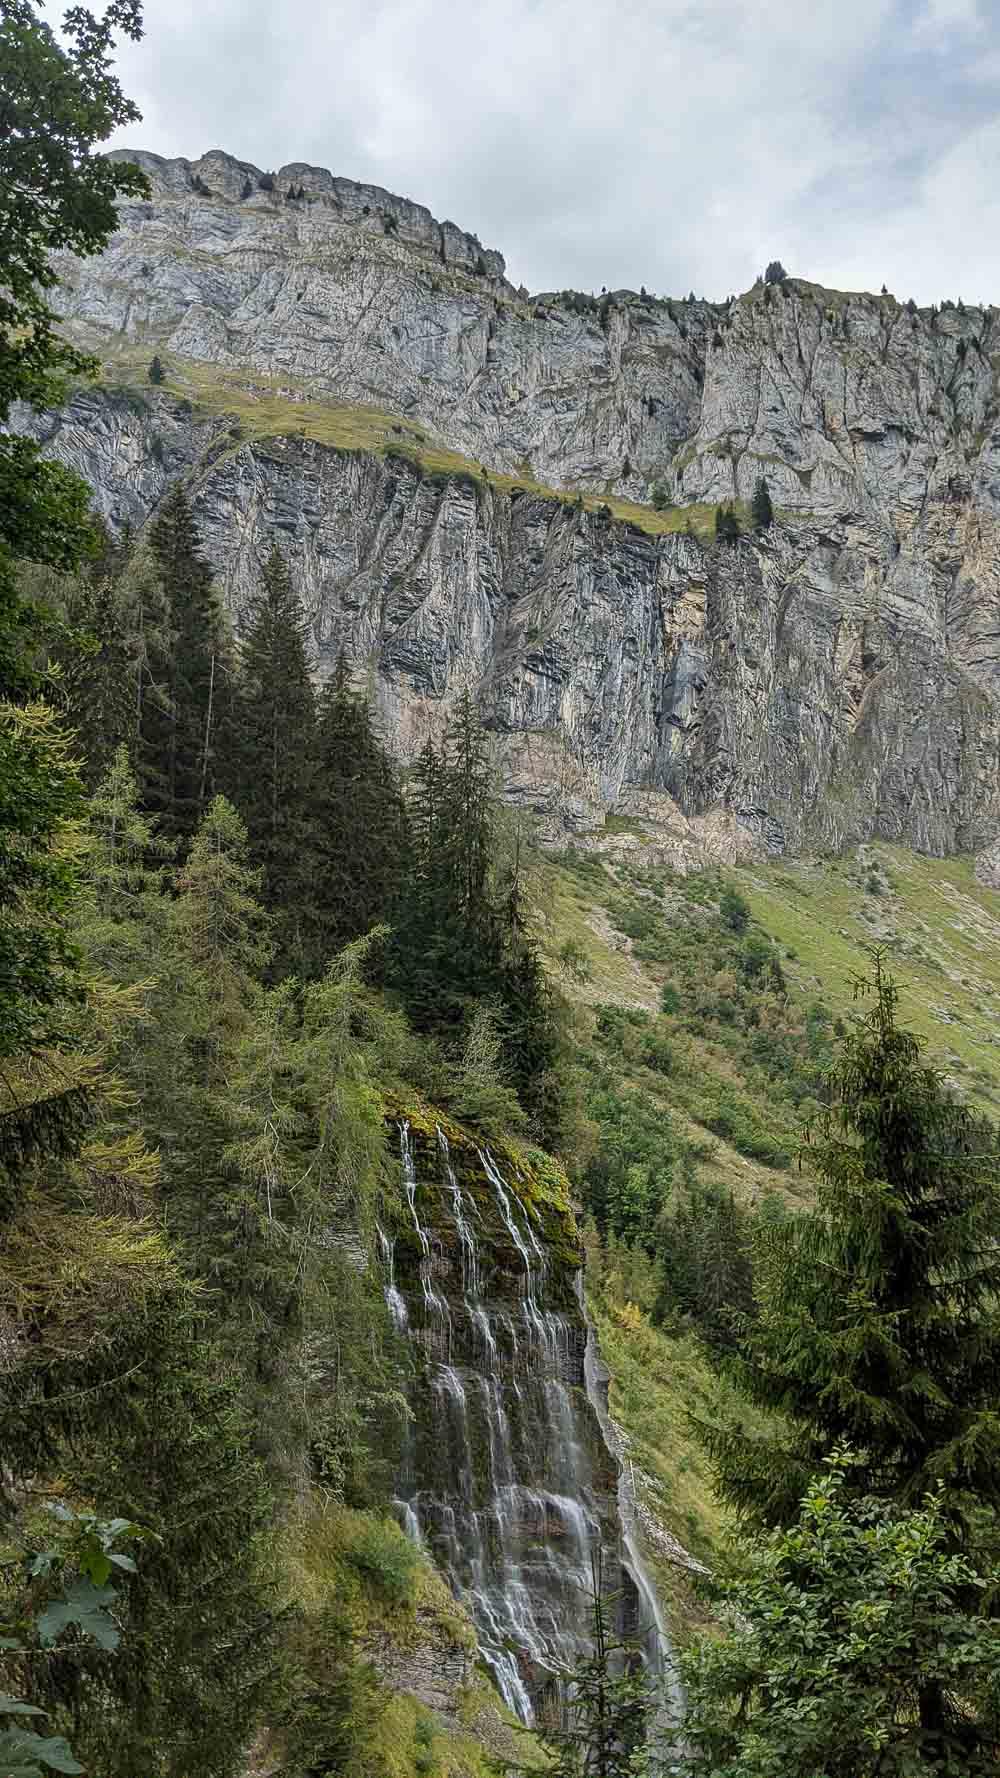 Conseils pour faire le Tour des Fiz, et récit de voyage après 4 jours de randonnée dans les Alpes... | Histoires de tongs, le blog voyage passionnément alternatif